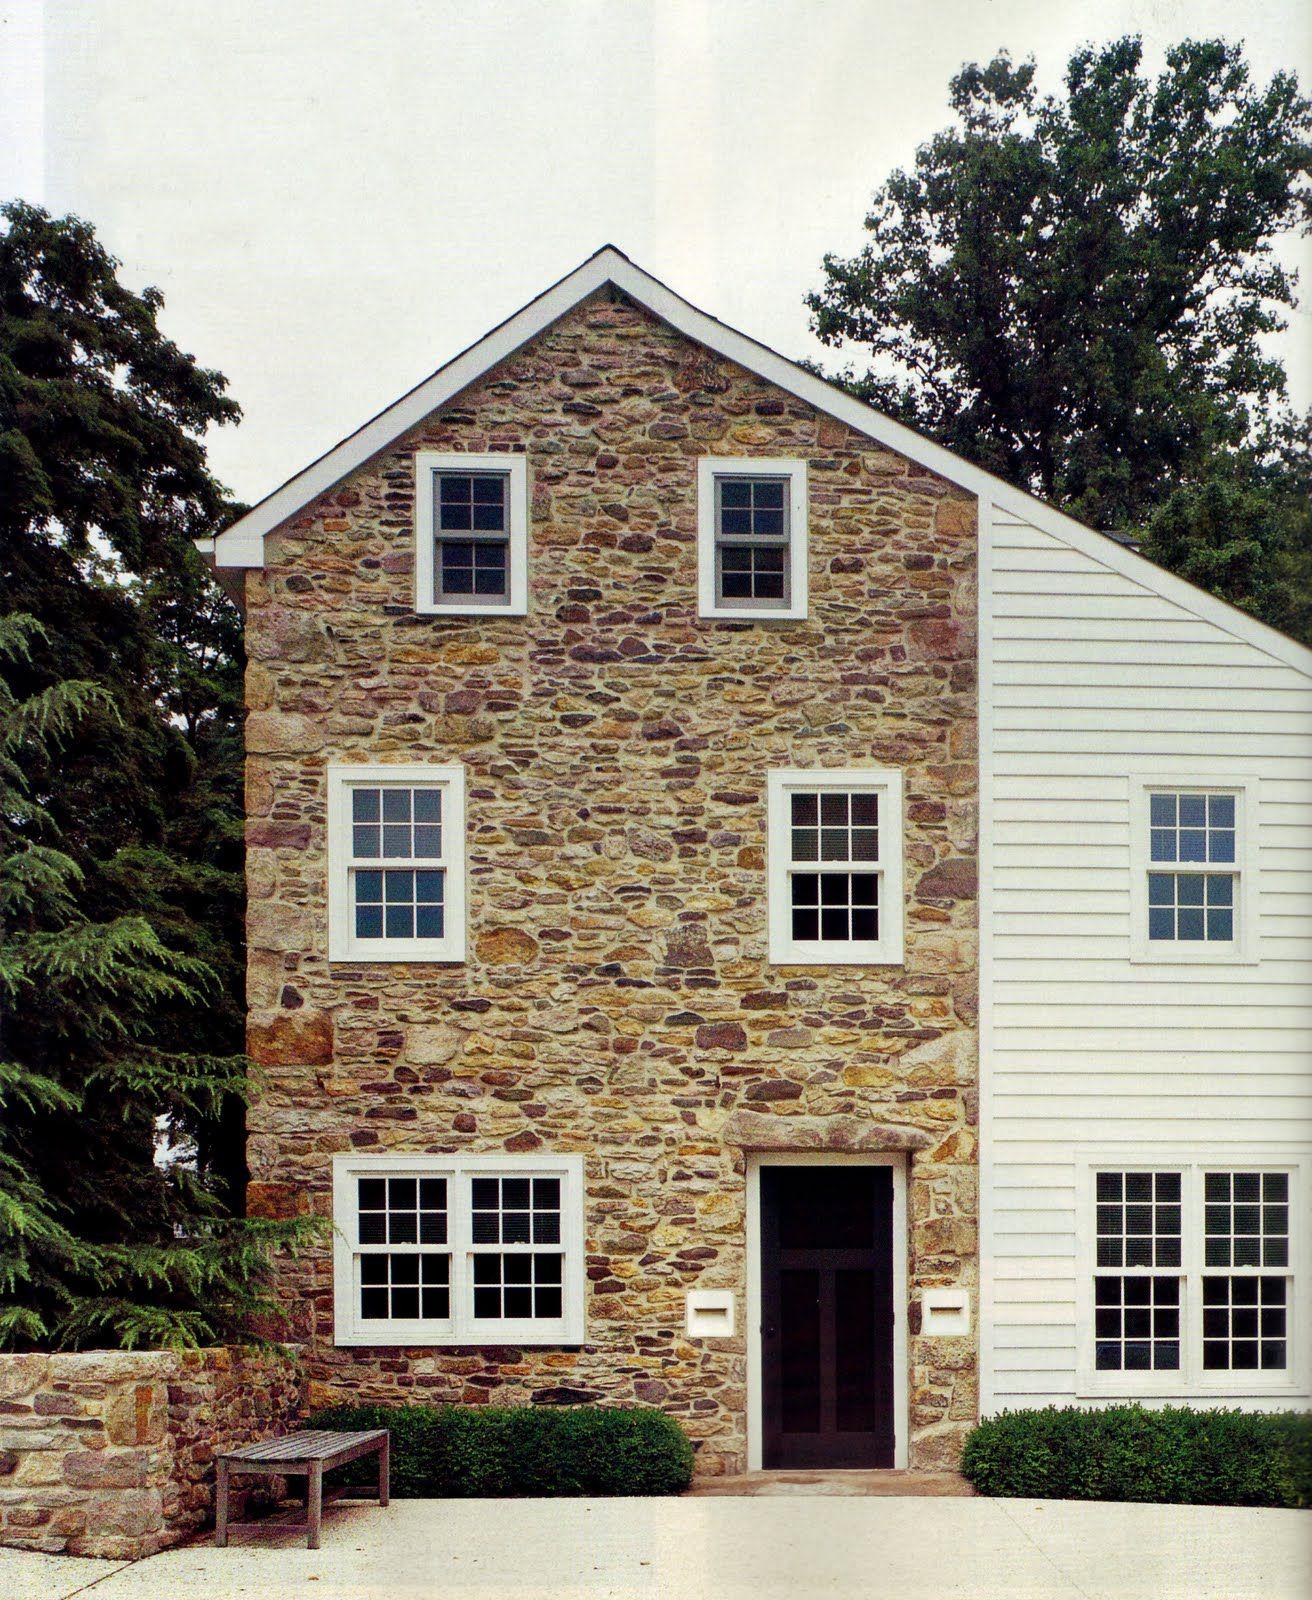 our little big house architecture gables gambrels house rh pinterest com